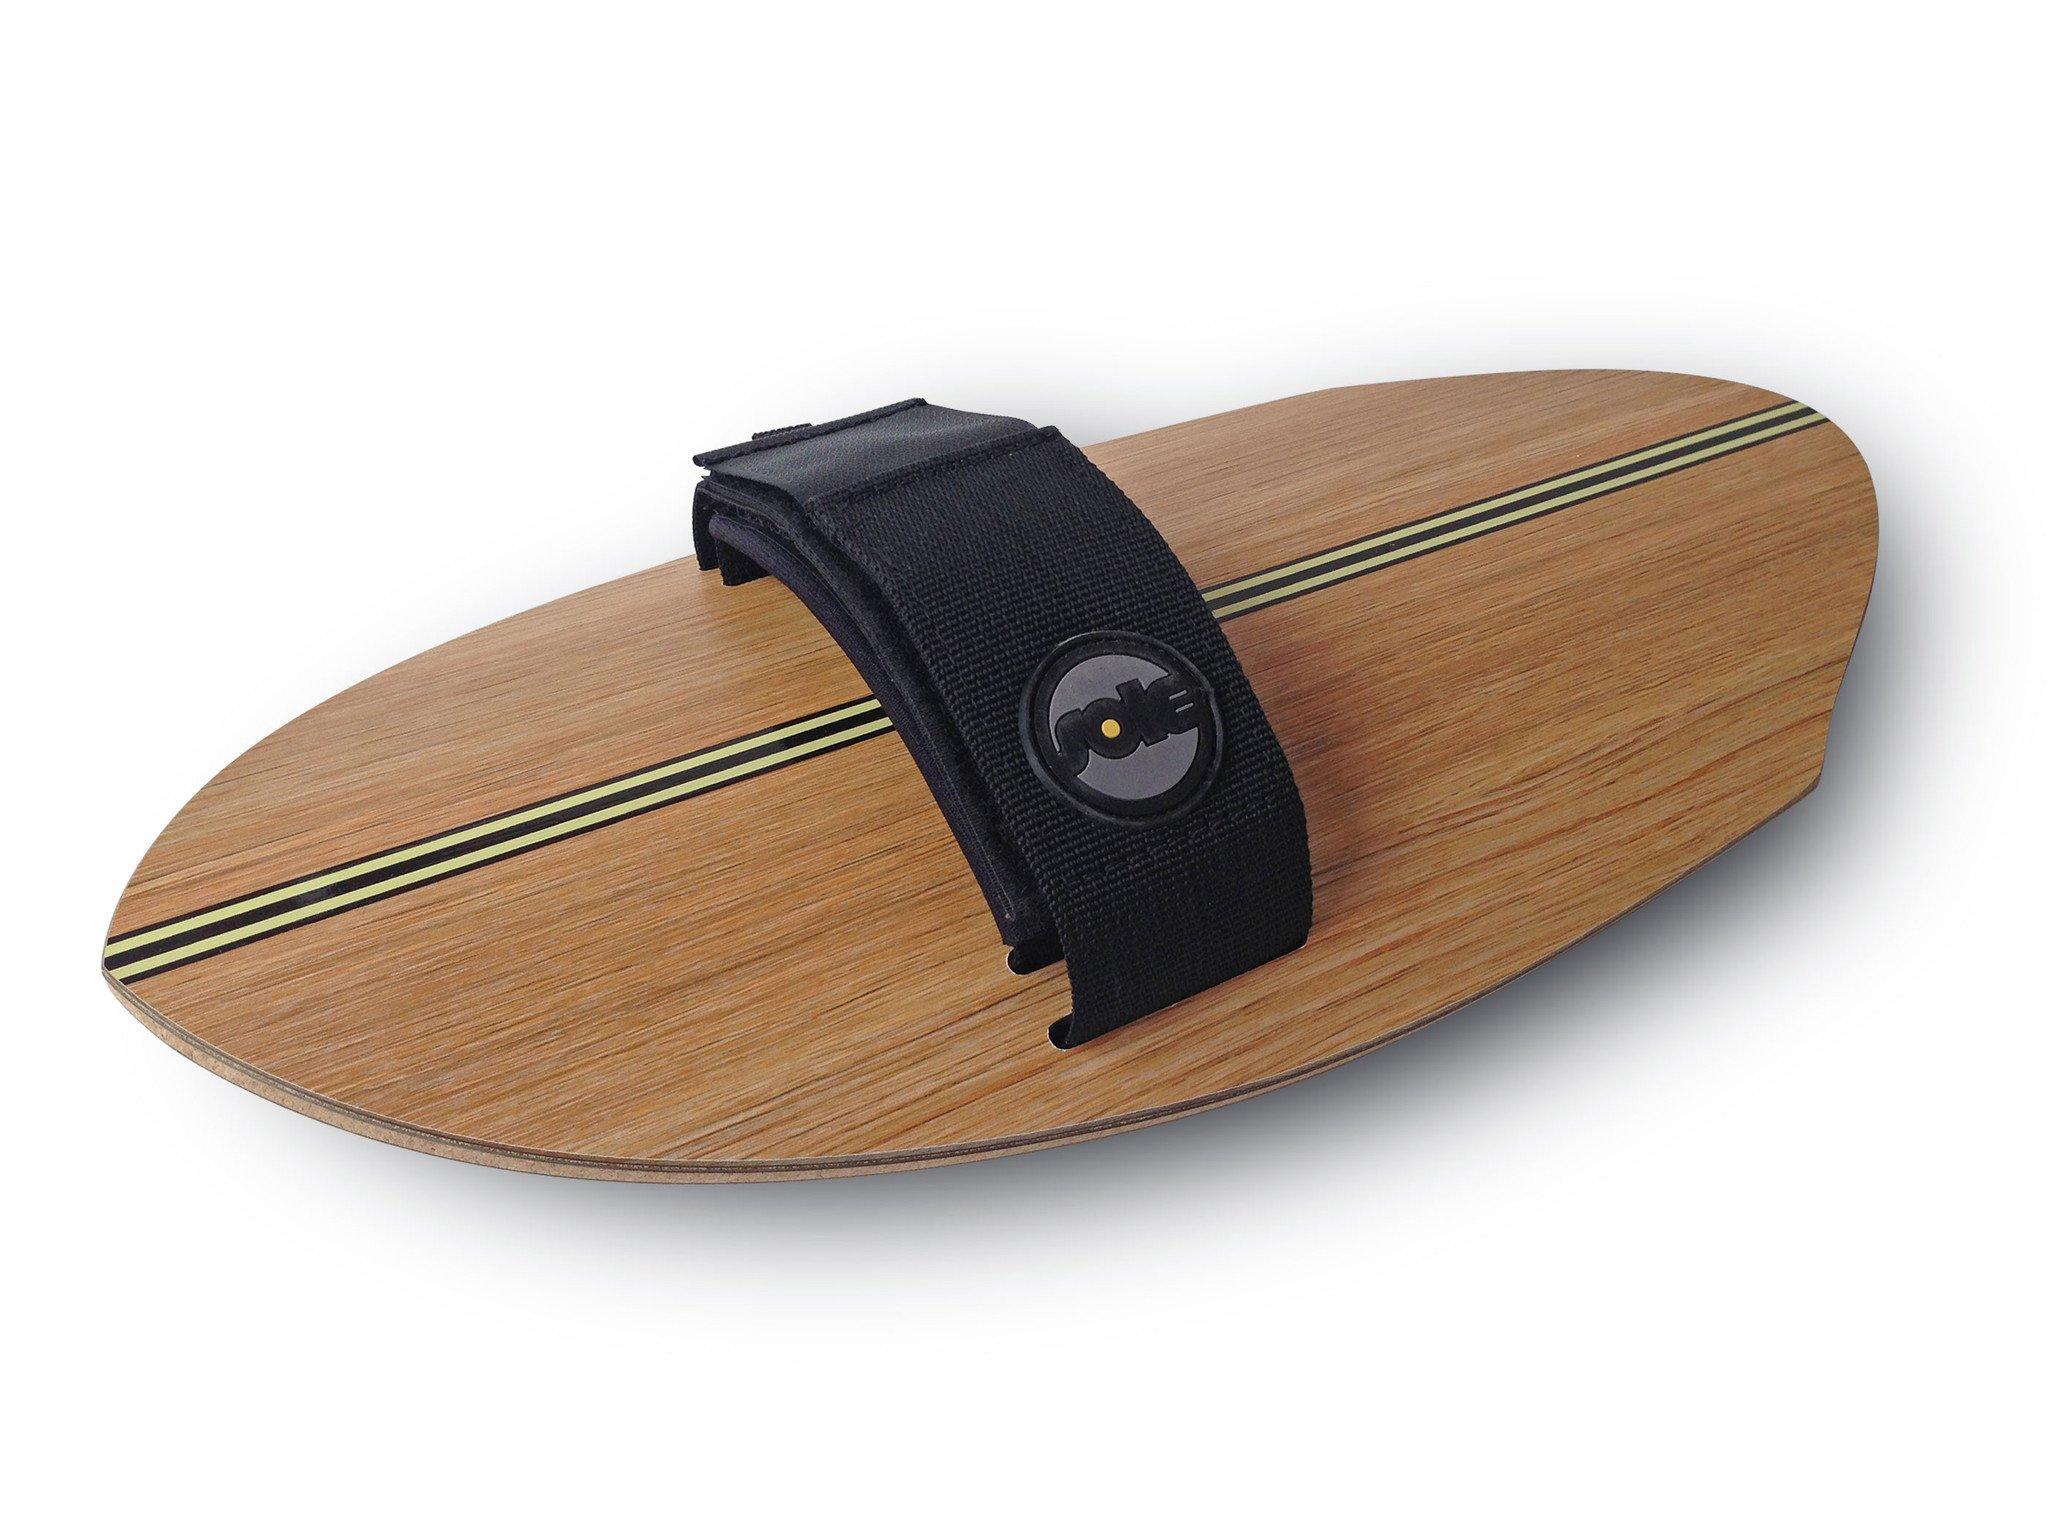 גלשן יד ה-Woodie Pin-Tail מתלבש על כף היד לגלישת Bodysurfing.מגיע עם זנב Round.עשויי מעץ וחתוך בלייזר.הקונקייב בתחתית נותן הרבה מהירות.